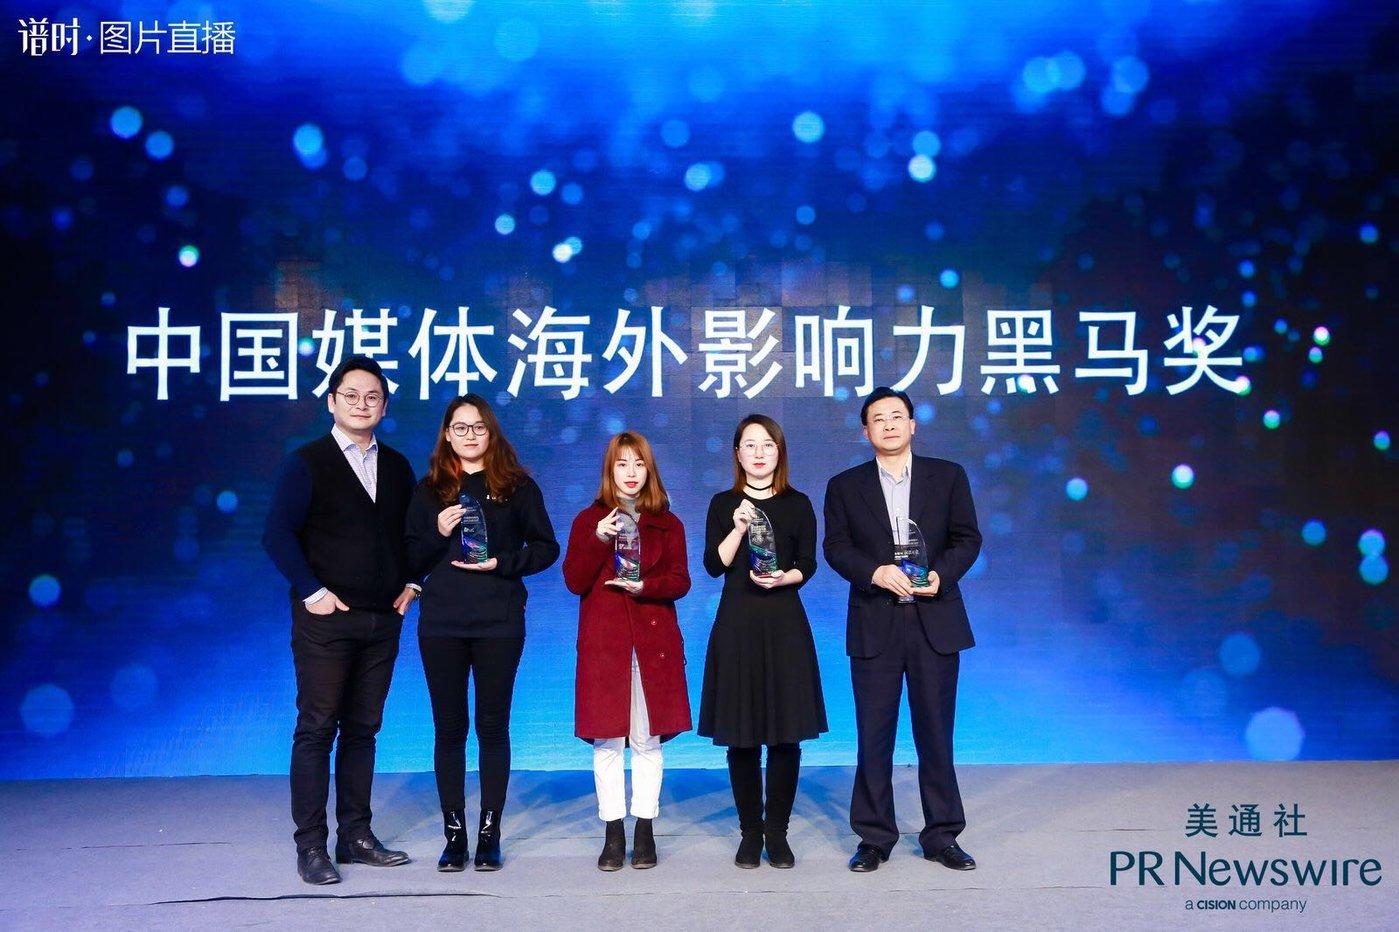 """钛媒体荣获2019年美通社""""中国媒体海外影响力黑马奖"""""""